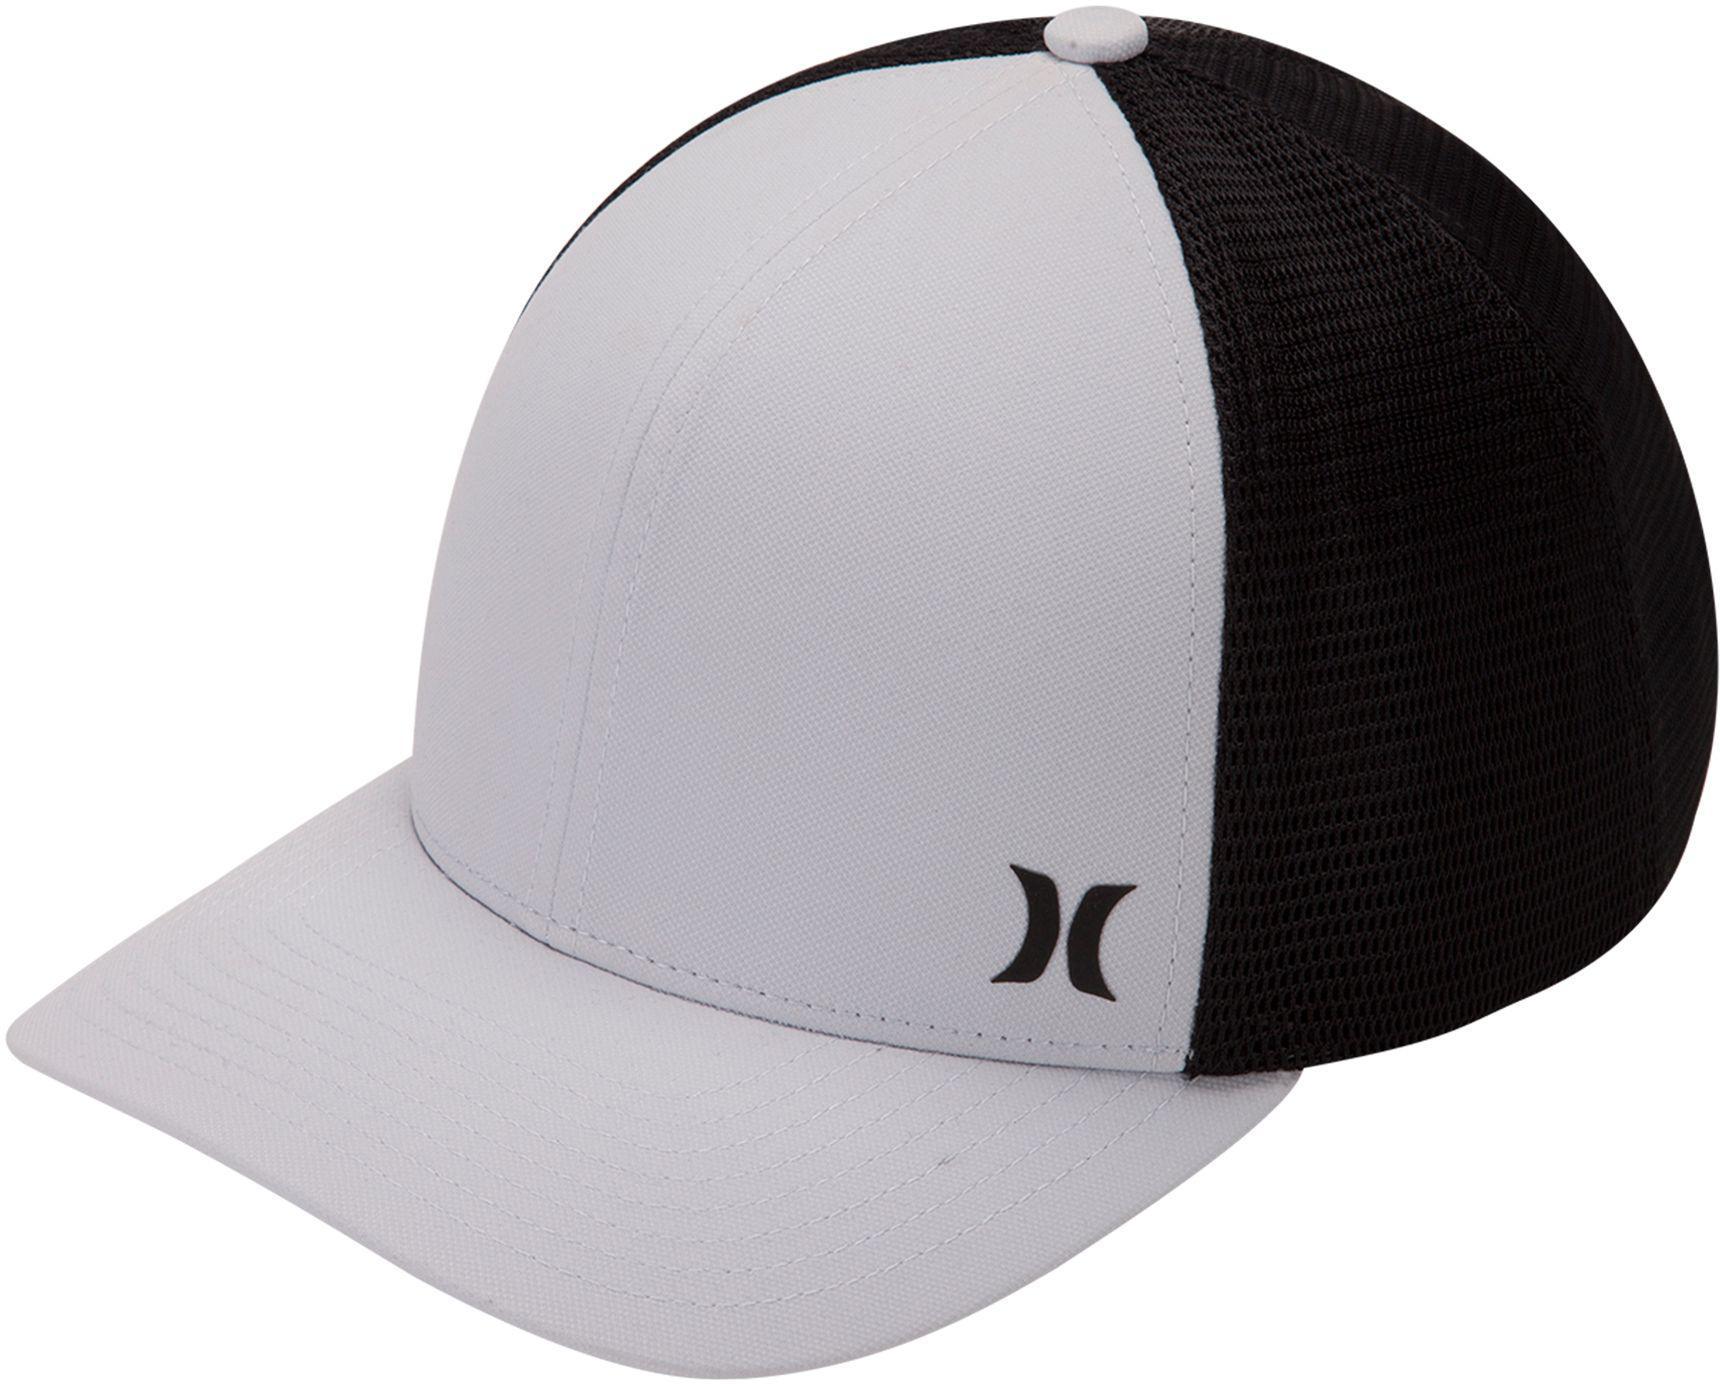 low priced ebaa4 5881e ... shop lyst hurley milner trucker hat in black for men 8b361 67b80